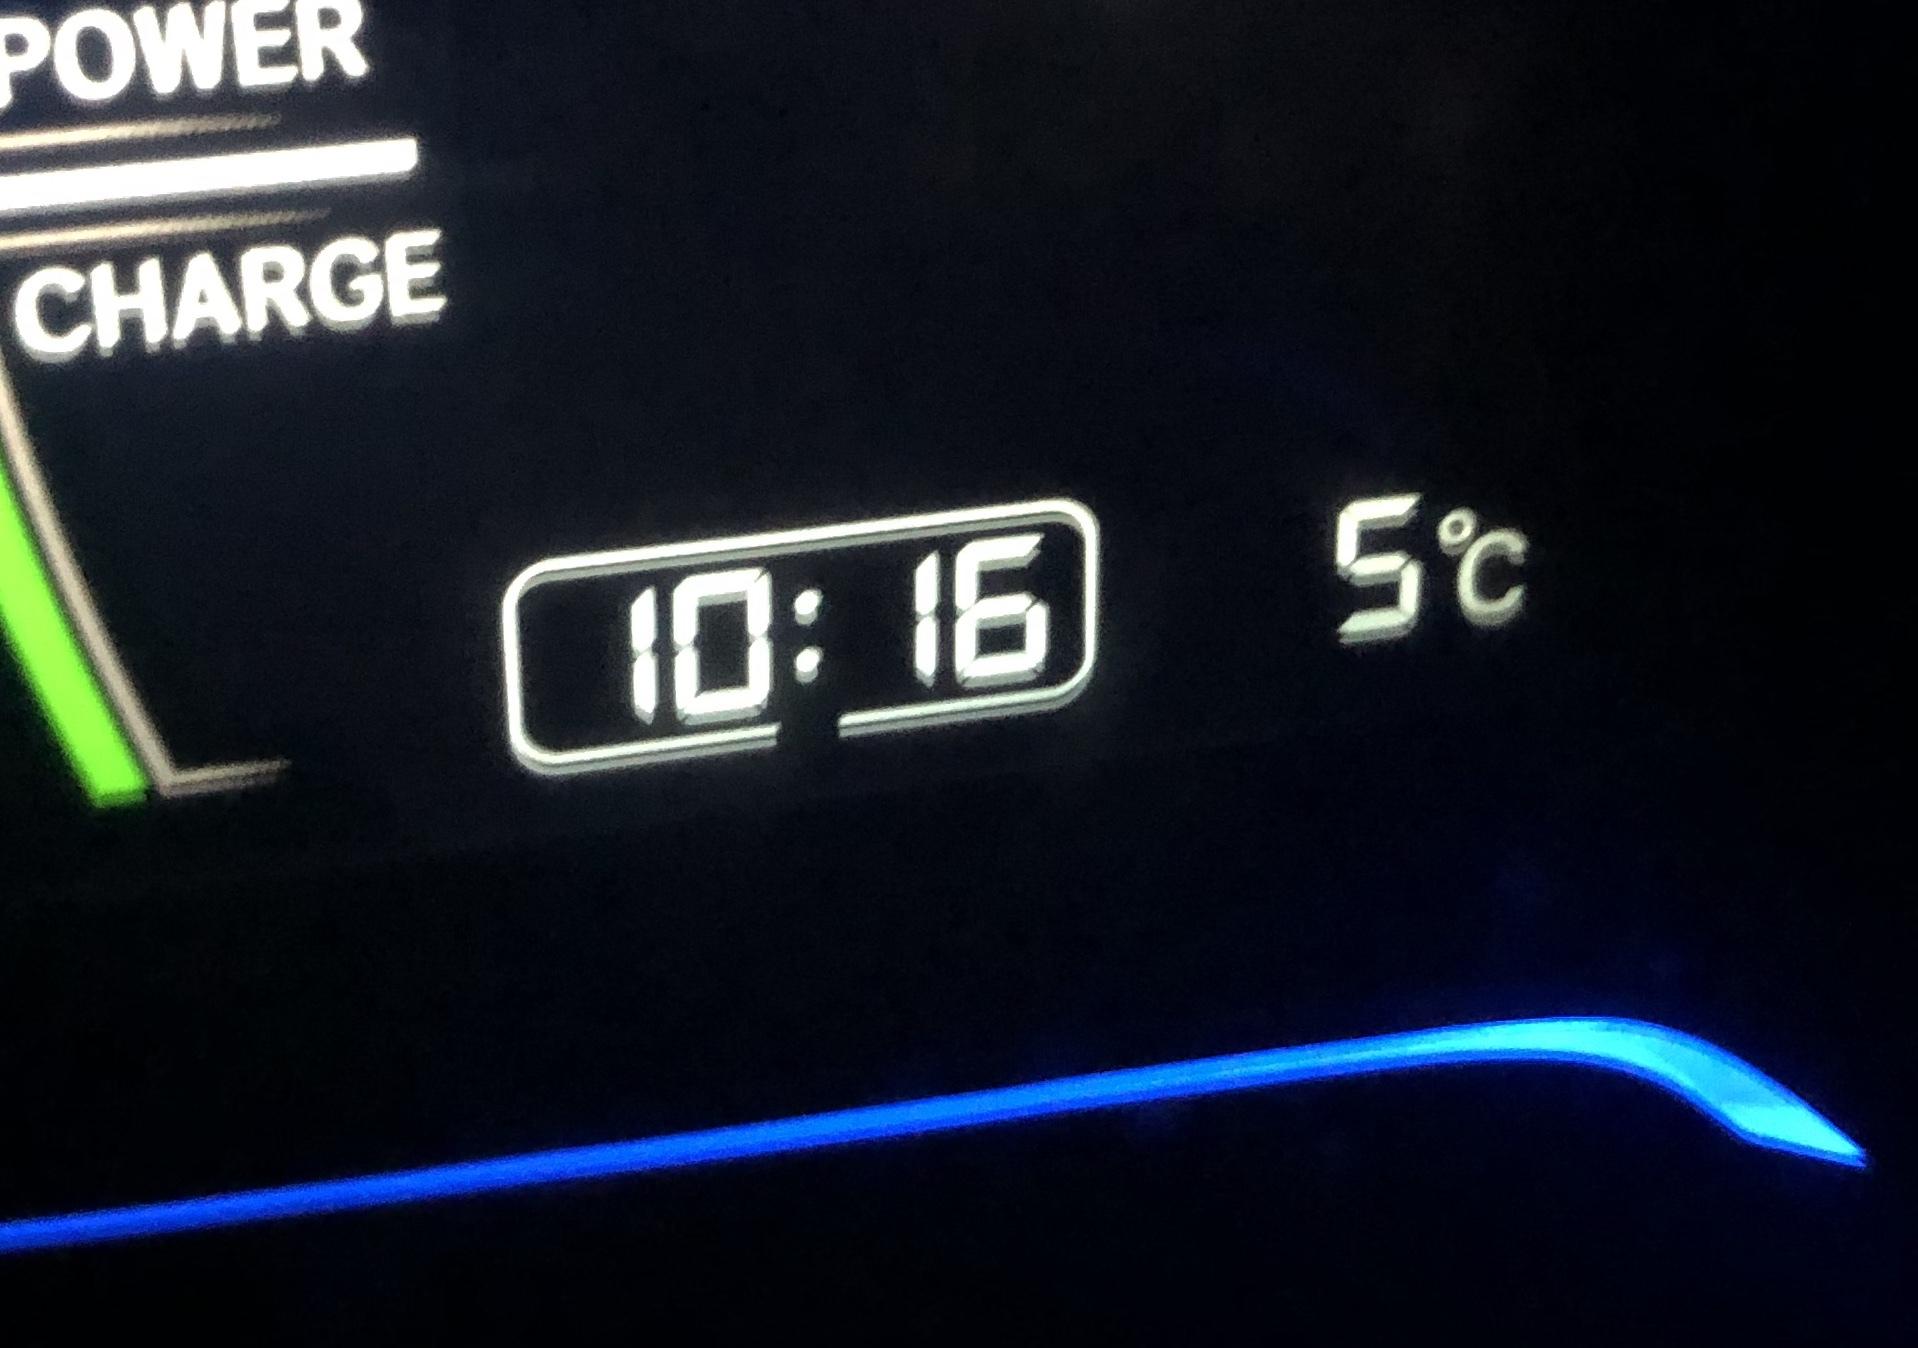 熱いけど寒い_a0015353_11381612.jpeg